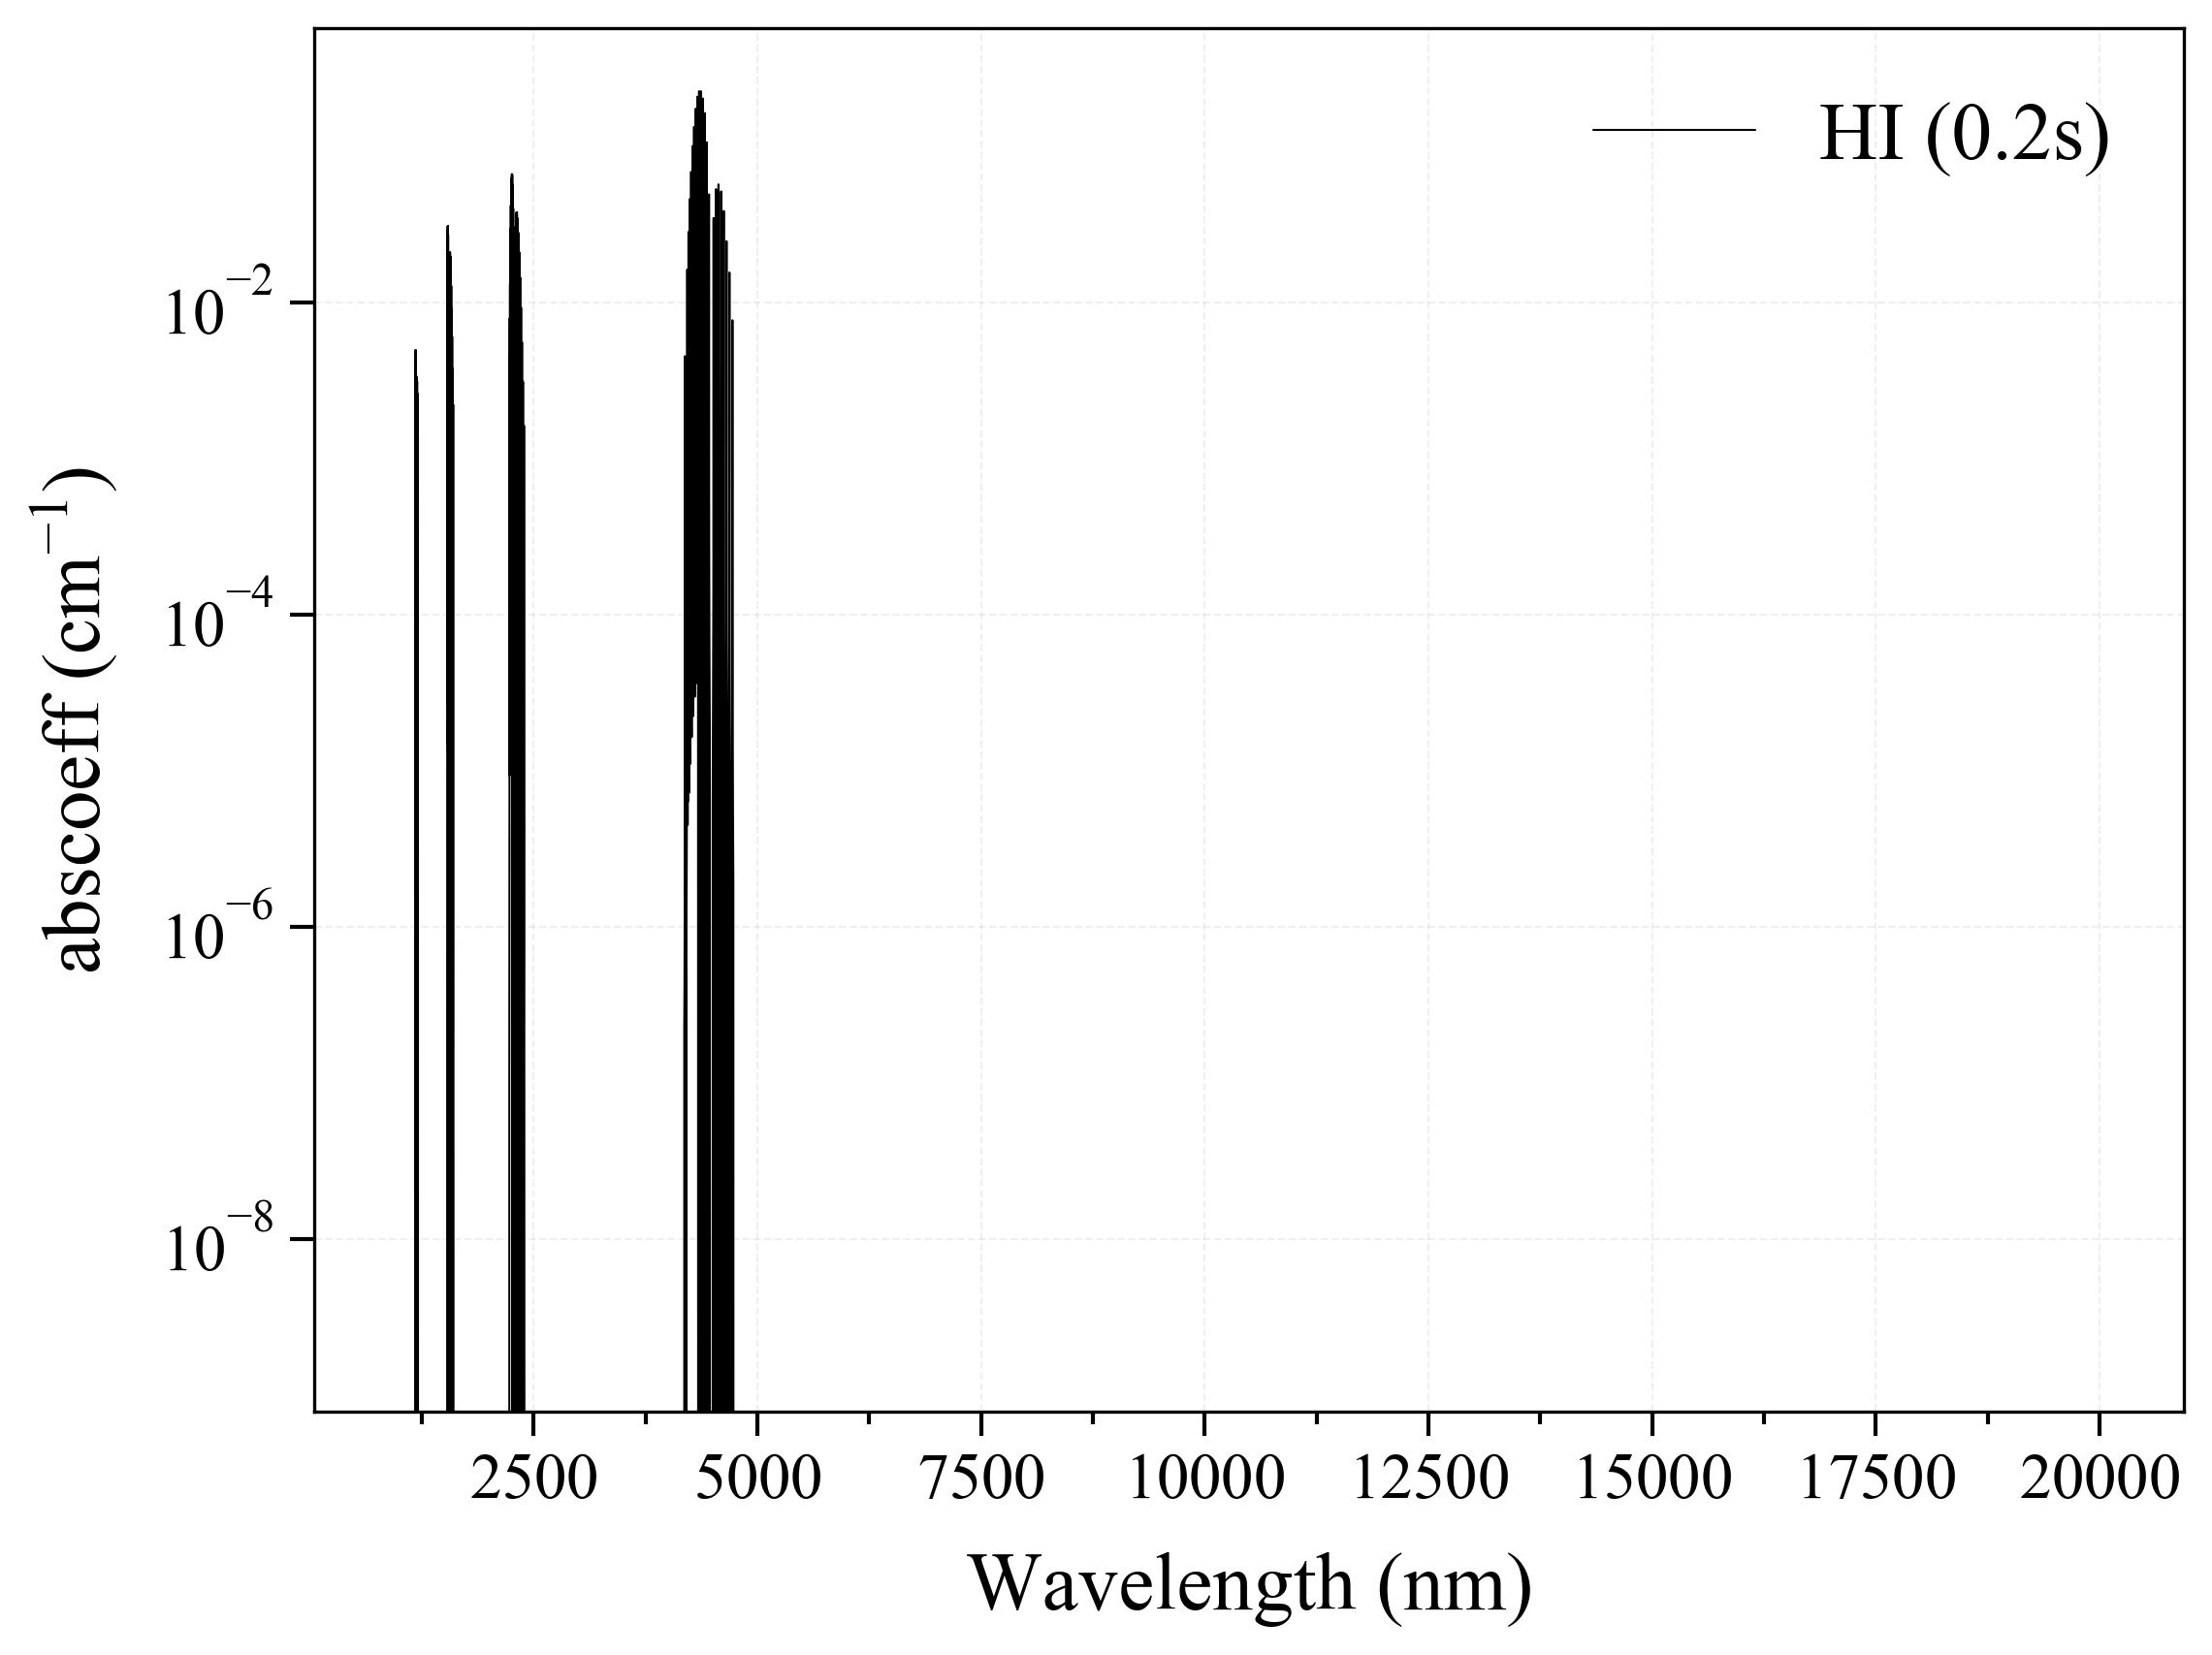 Hydrogen Iodide HI infrared absorption coefficient